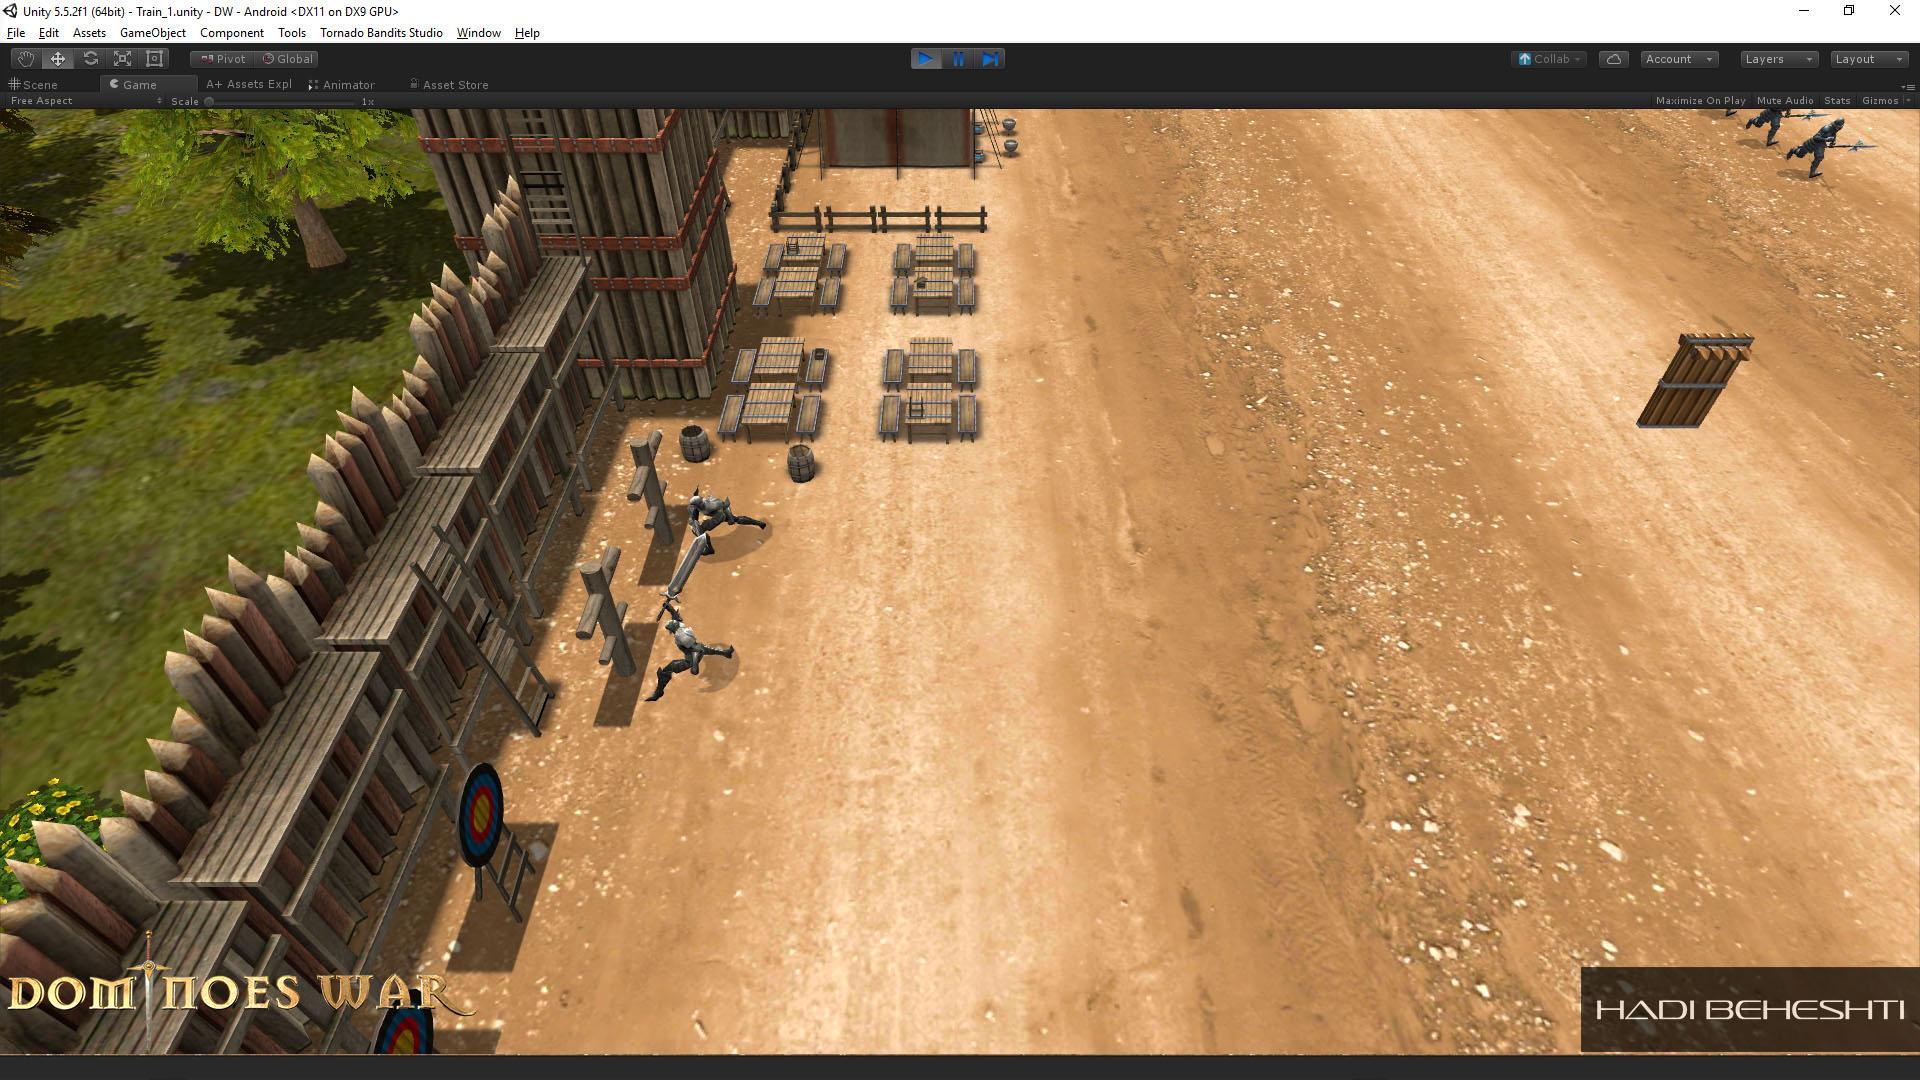 Dominoes War Game Garrison Scene Hadi Beheshti CG Artist-12